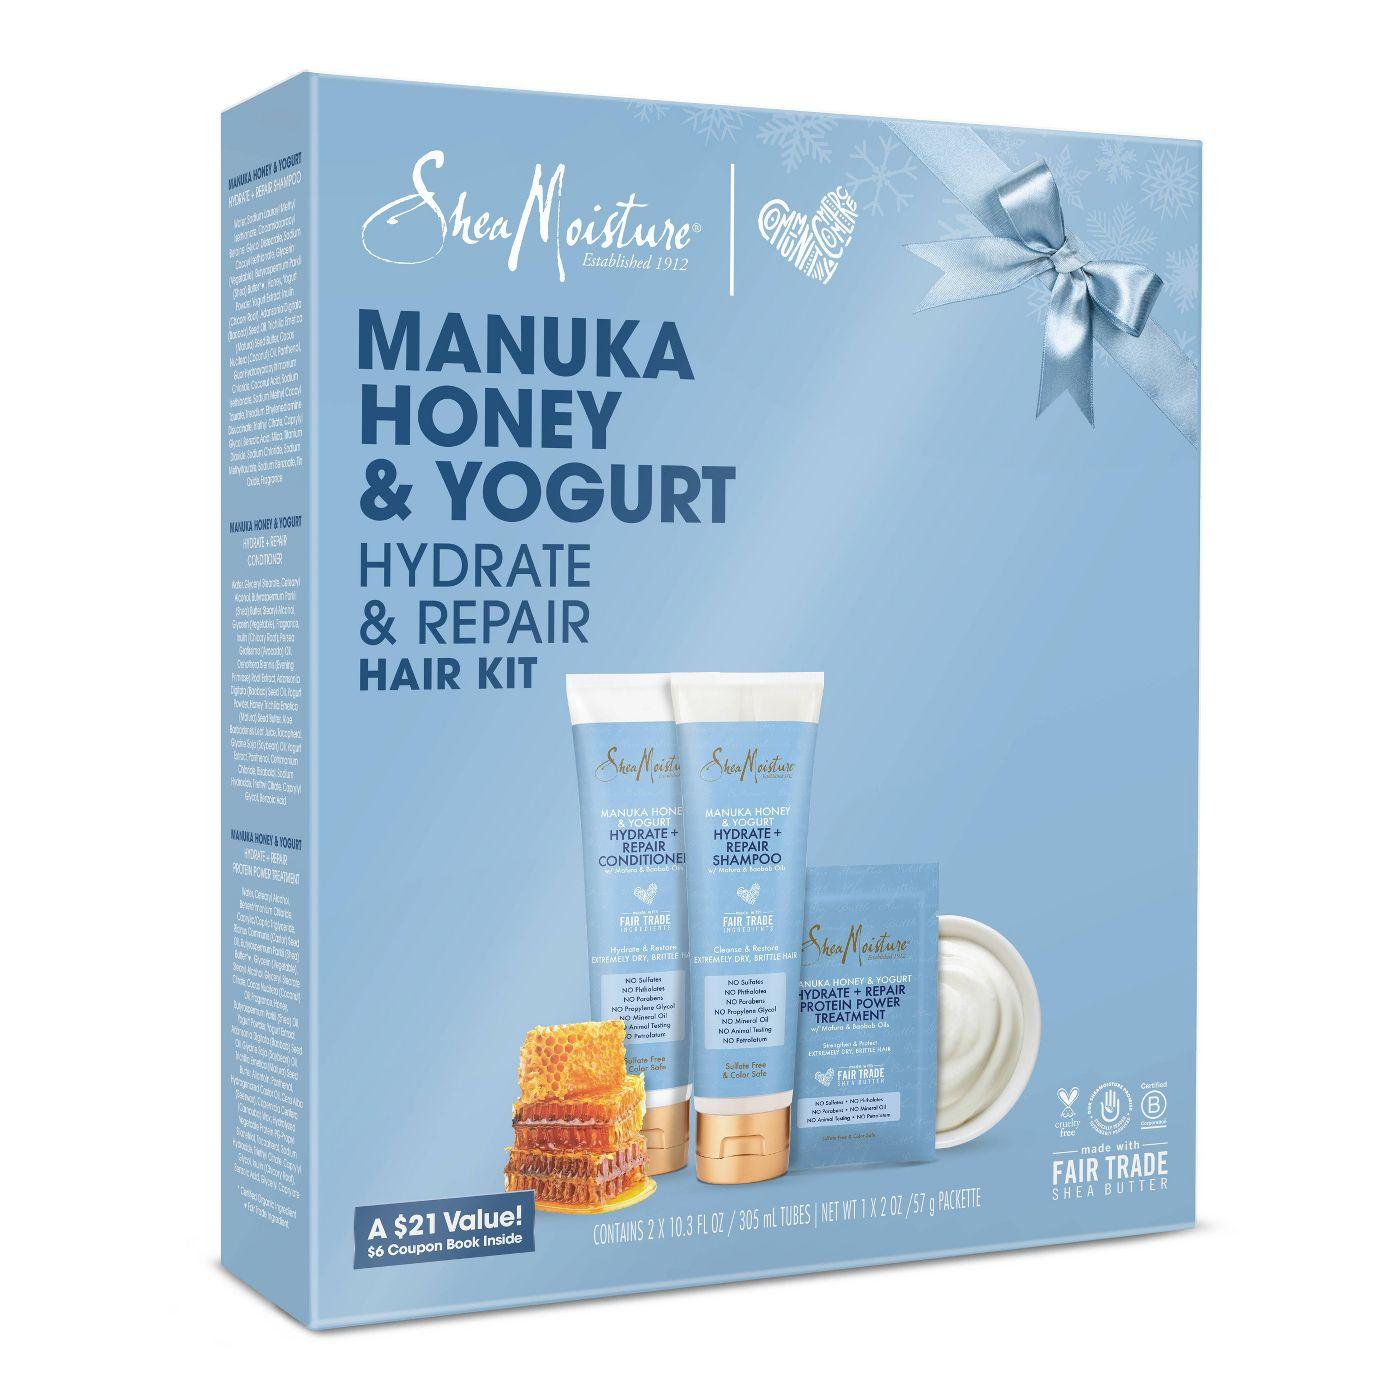 SheaMoisture Manuka Honey & Yogurt Hydrate & Repair Hair Gift Set